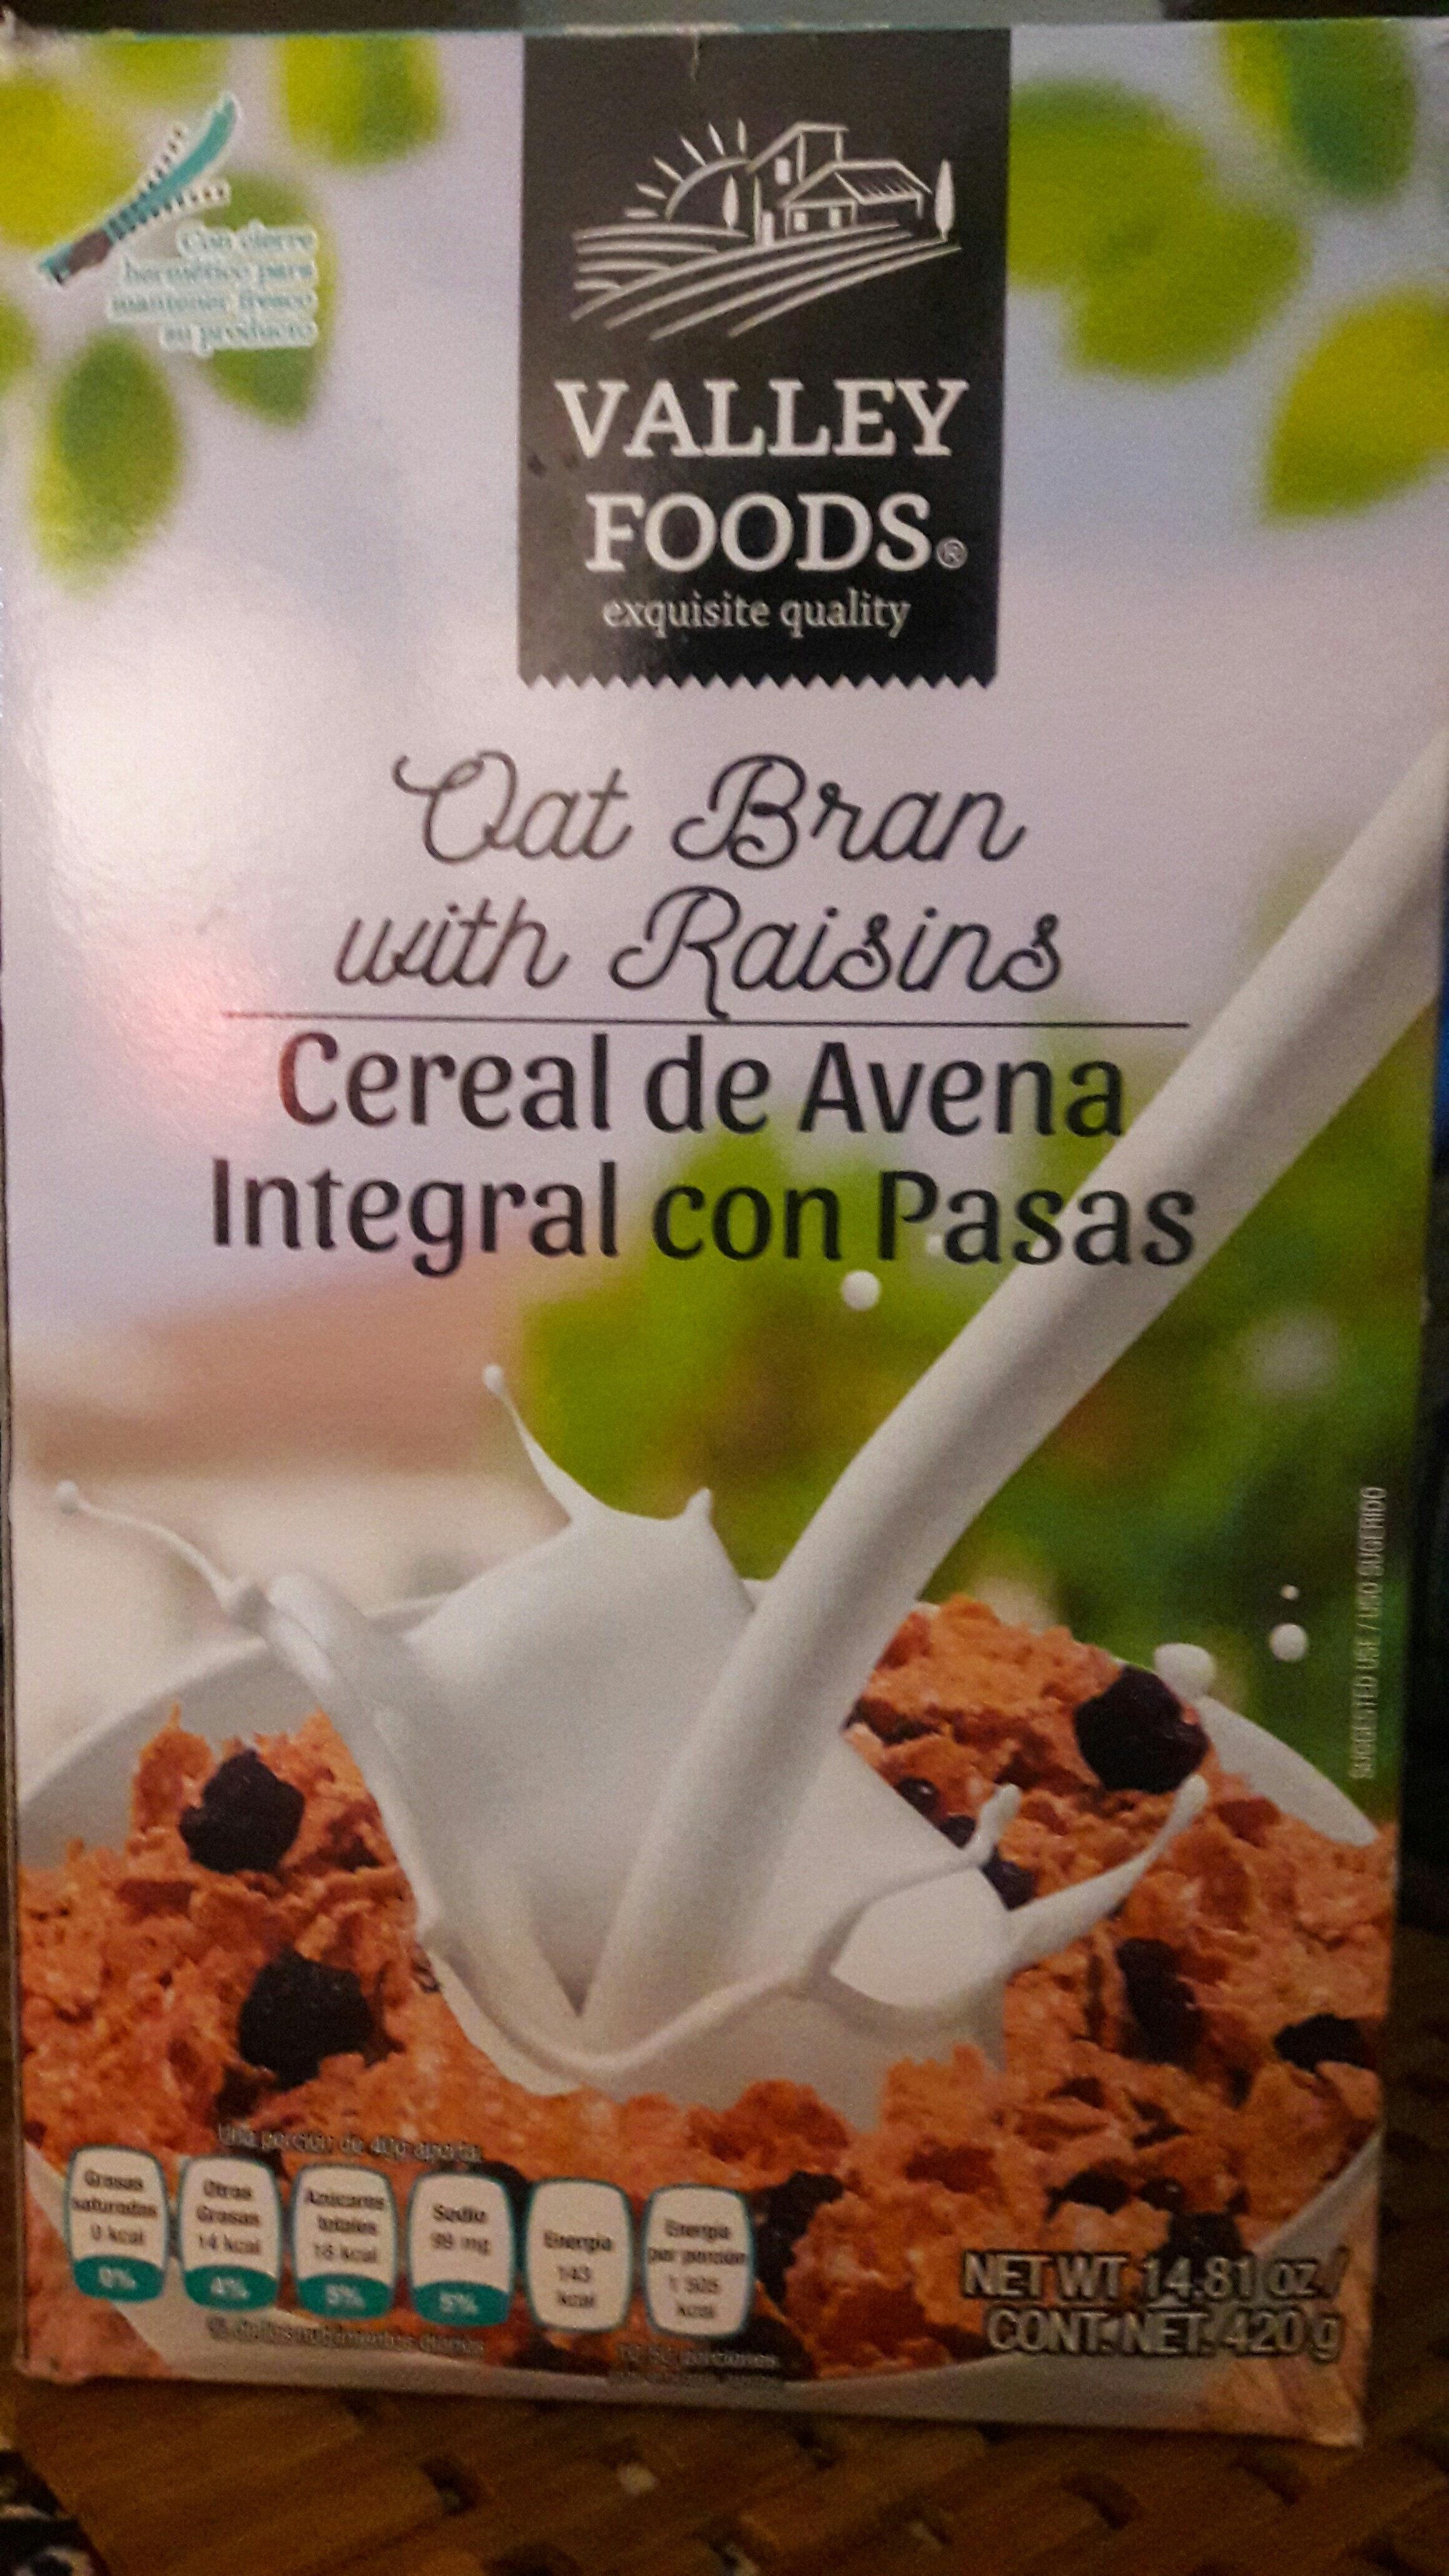 cereal de avena integral con pasas - Product - es